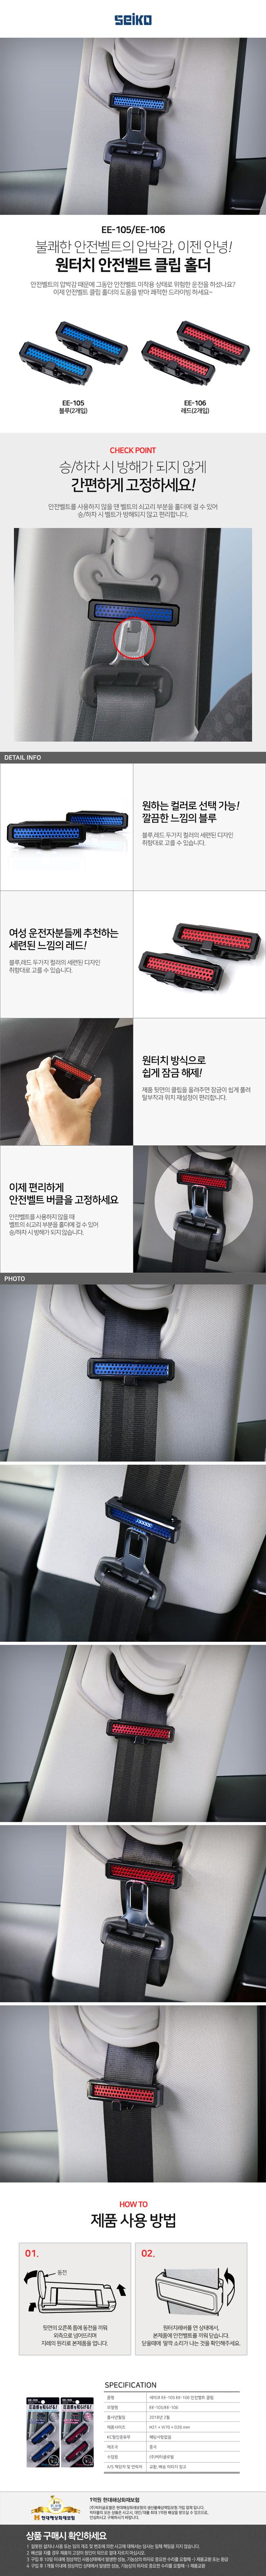 세이코 EE-105(블루)/ EE-106(레드)- 원터치 안전벨트 클립홀더(2P)